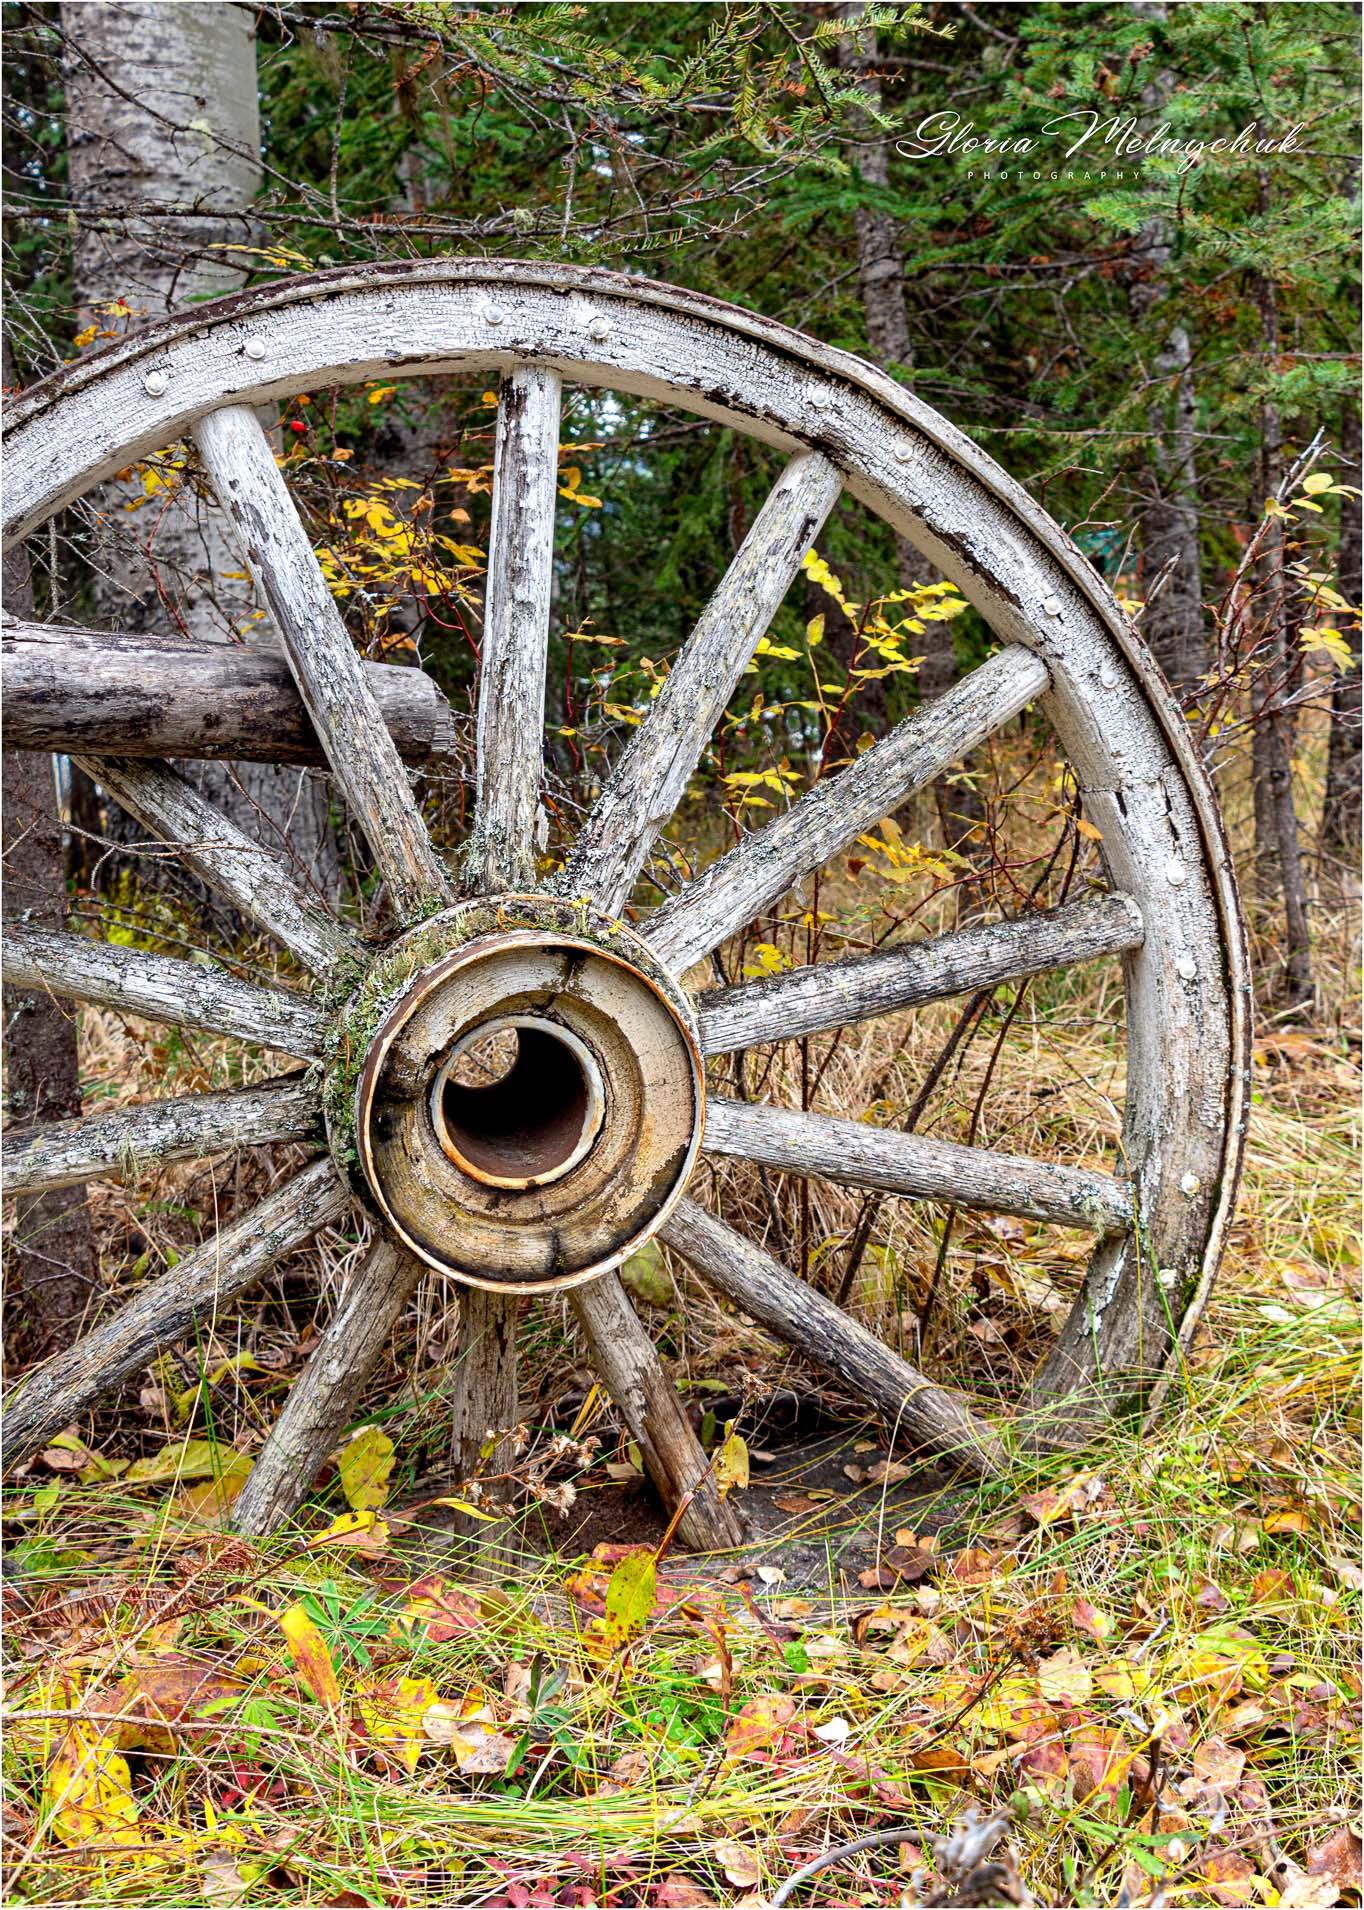 Wagon Wheel -Gloria Melnychuk